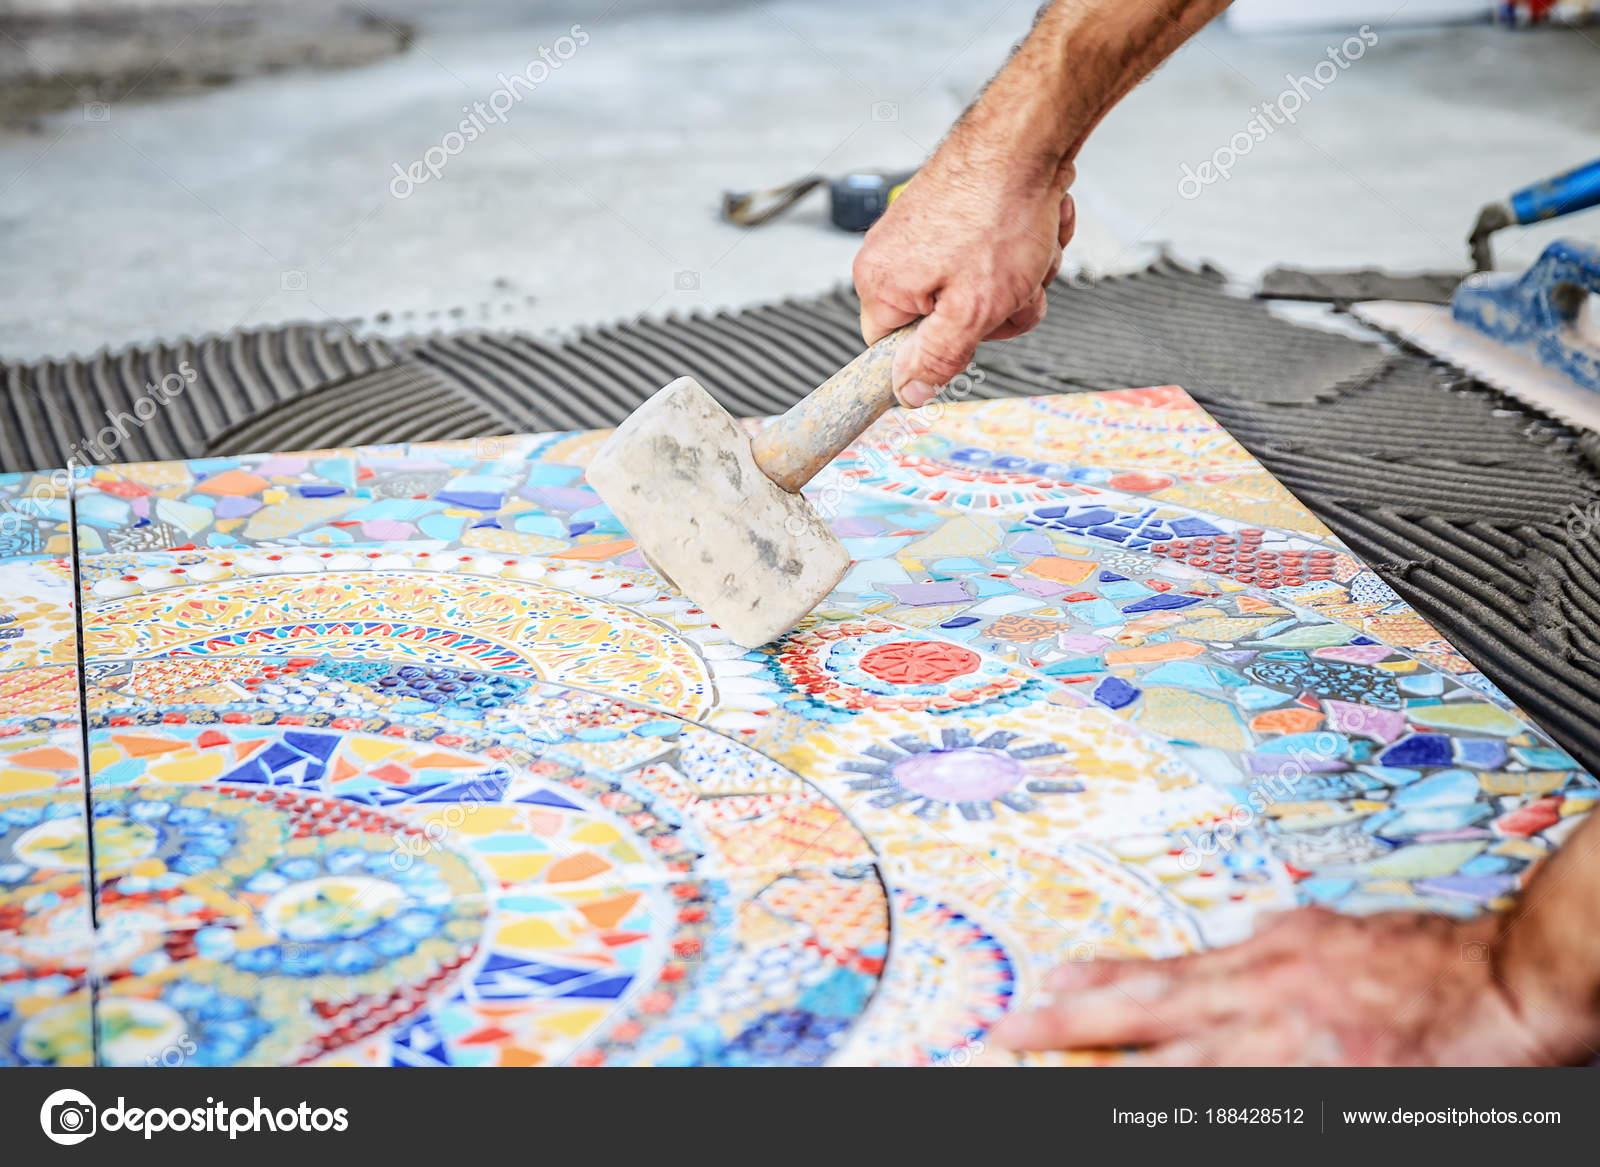 Posa di piastrelle di ceramica pavimento u foto stock bozhdb